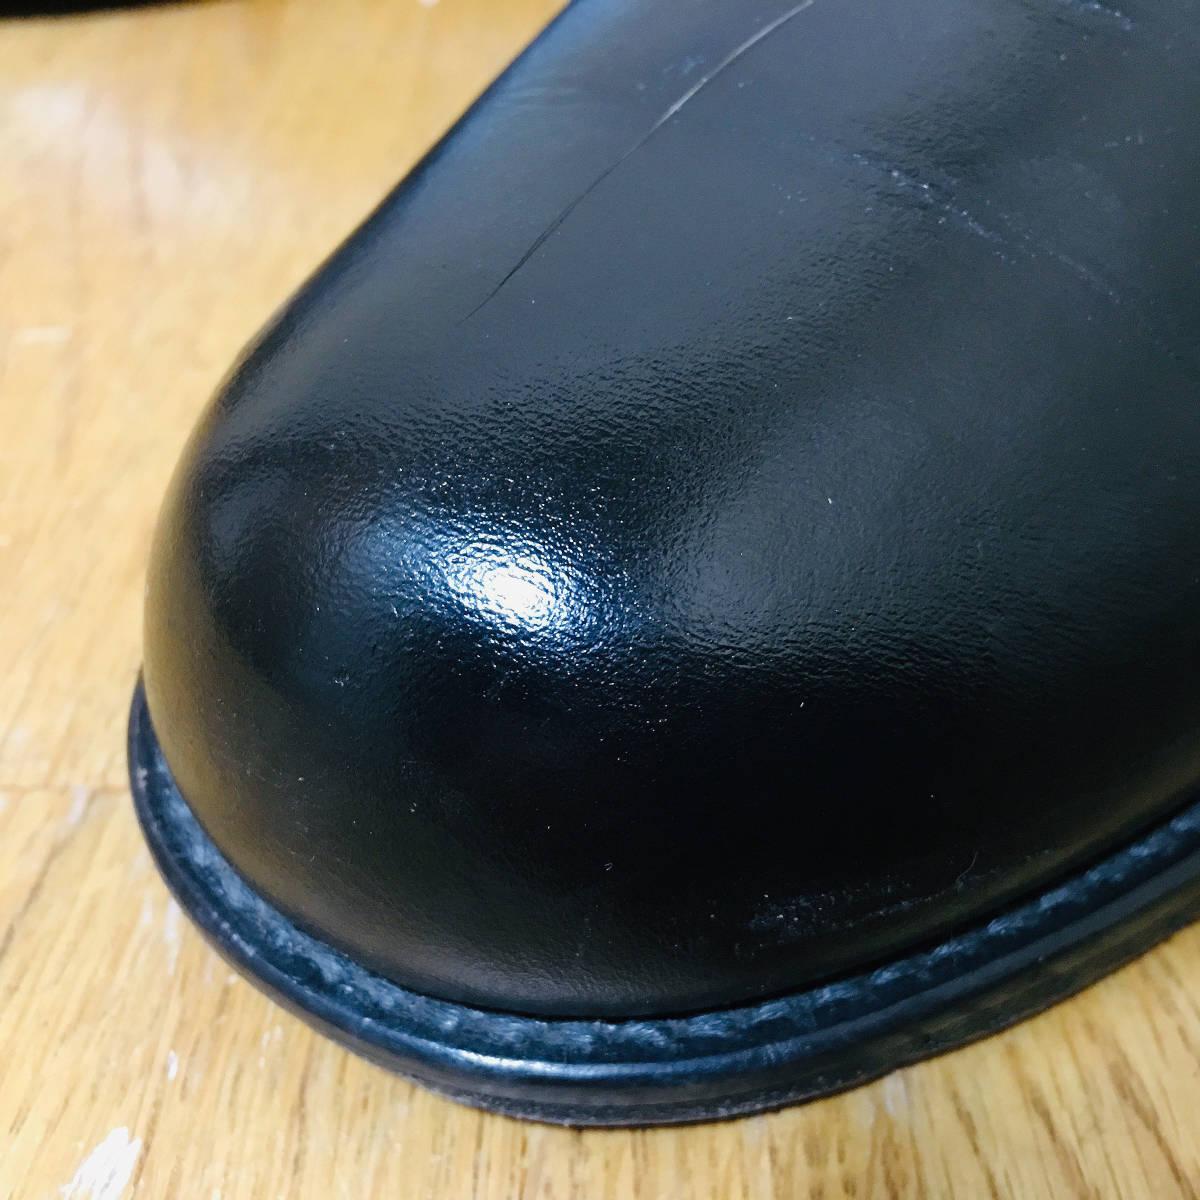 ■ 美品 定価3.8万 《 PADRONE 》 メンズ サイドゴア 本革 ショートブーツ 41 26-26.5cm 黒 パドローネ プレーントゥ レザーシューズ 革靴 _画像2